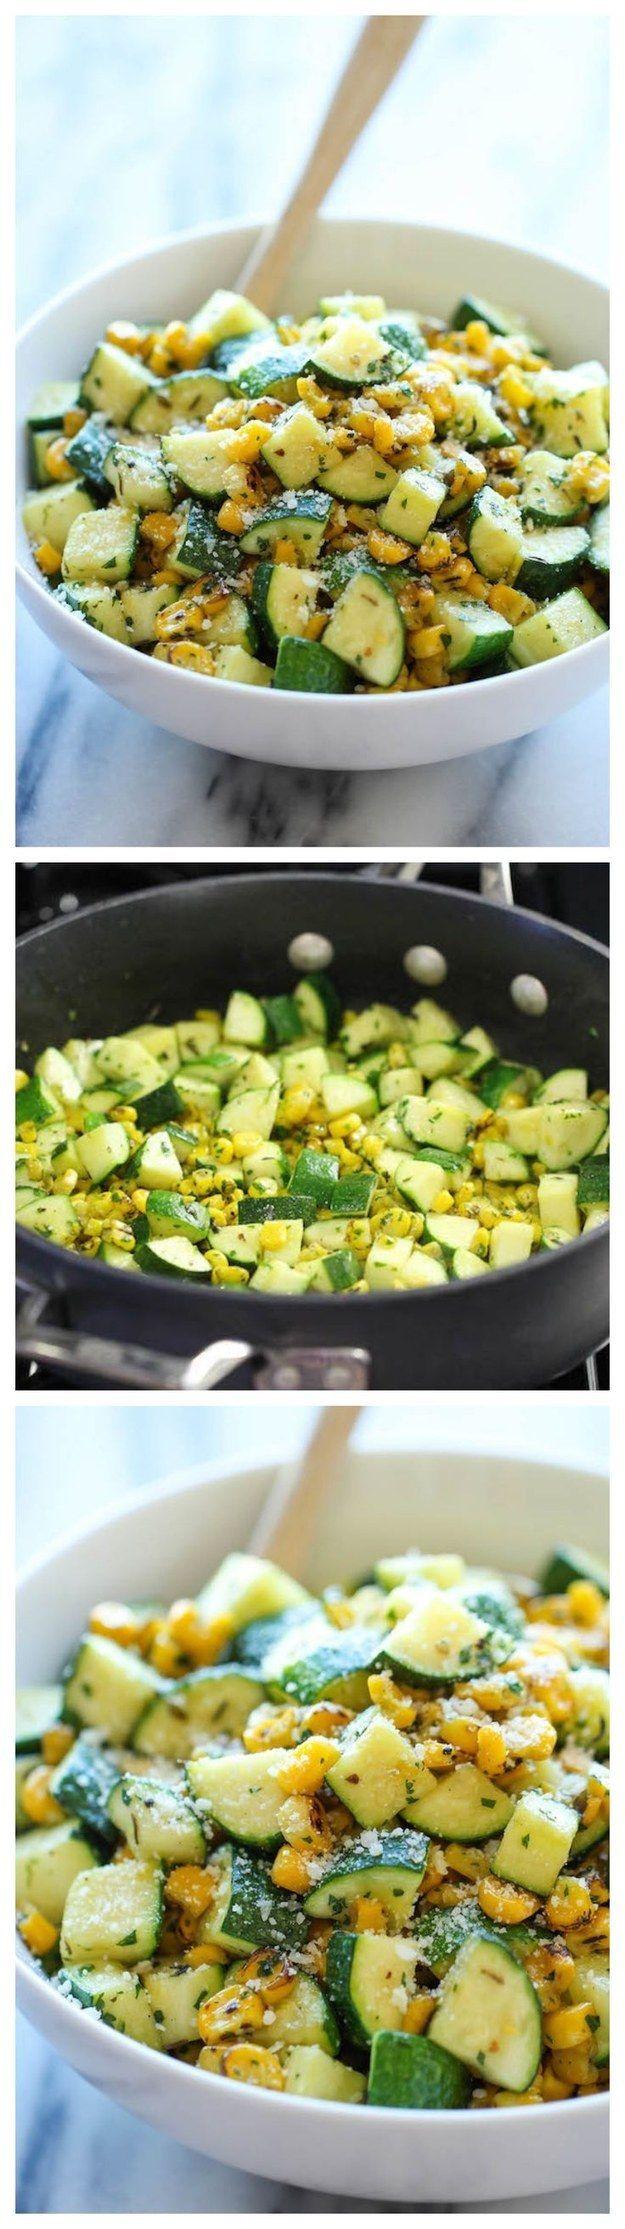 Zucchini Corn Salad                                                                                                                                                                                 More